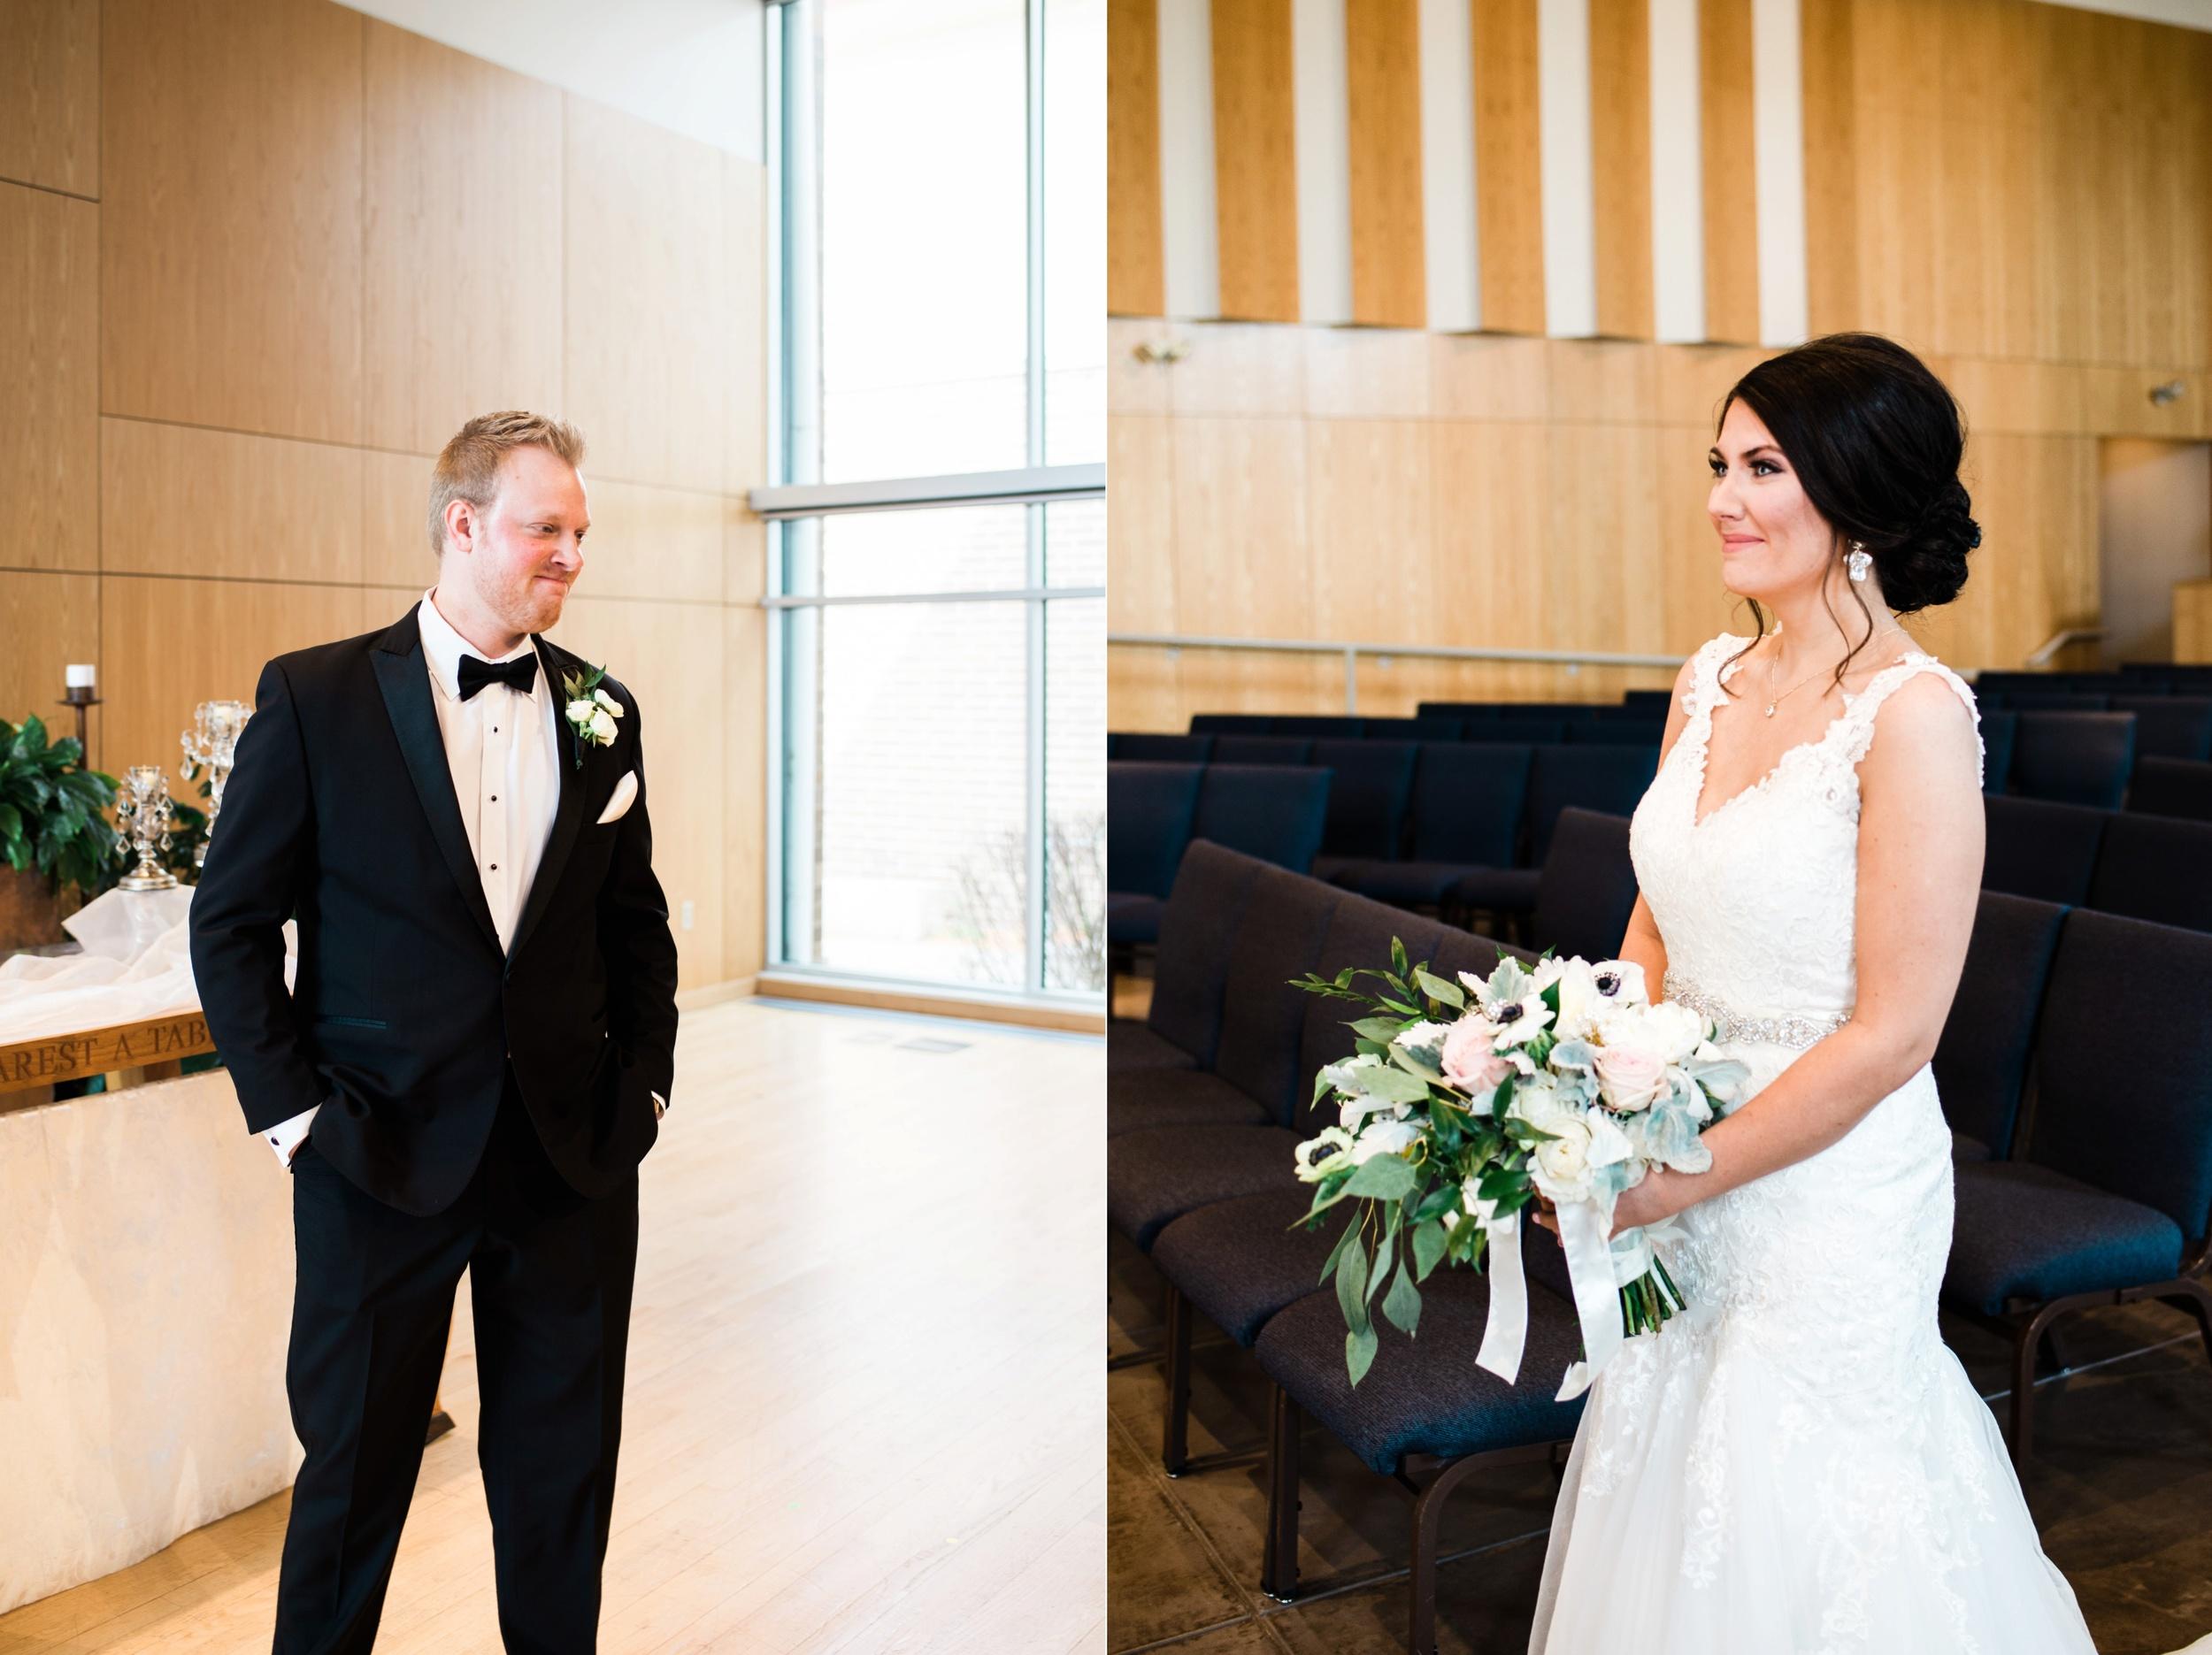 Des Moines Iowa Wedding Photographer_2075.jpg